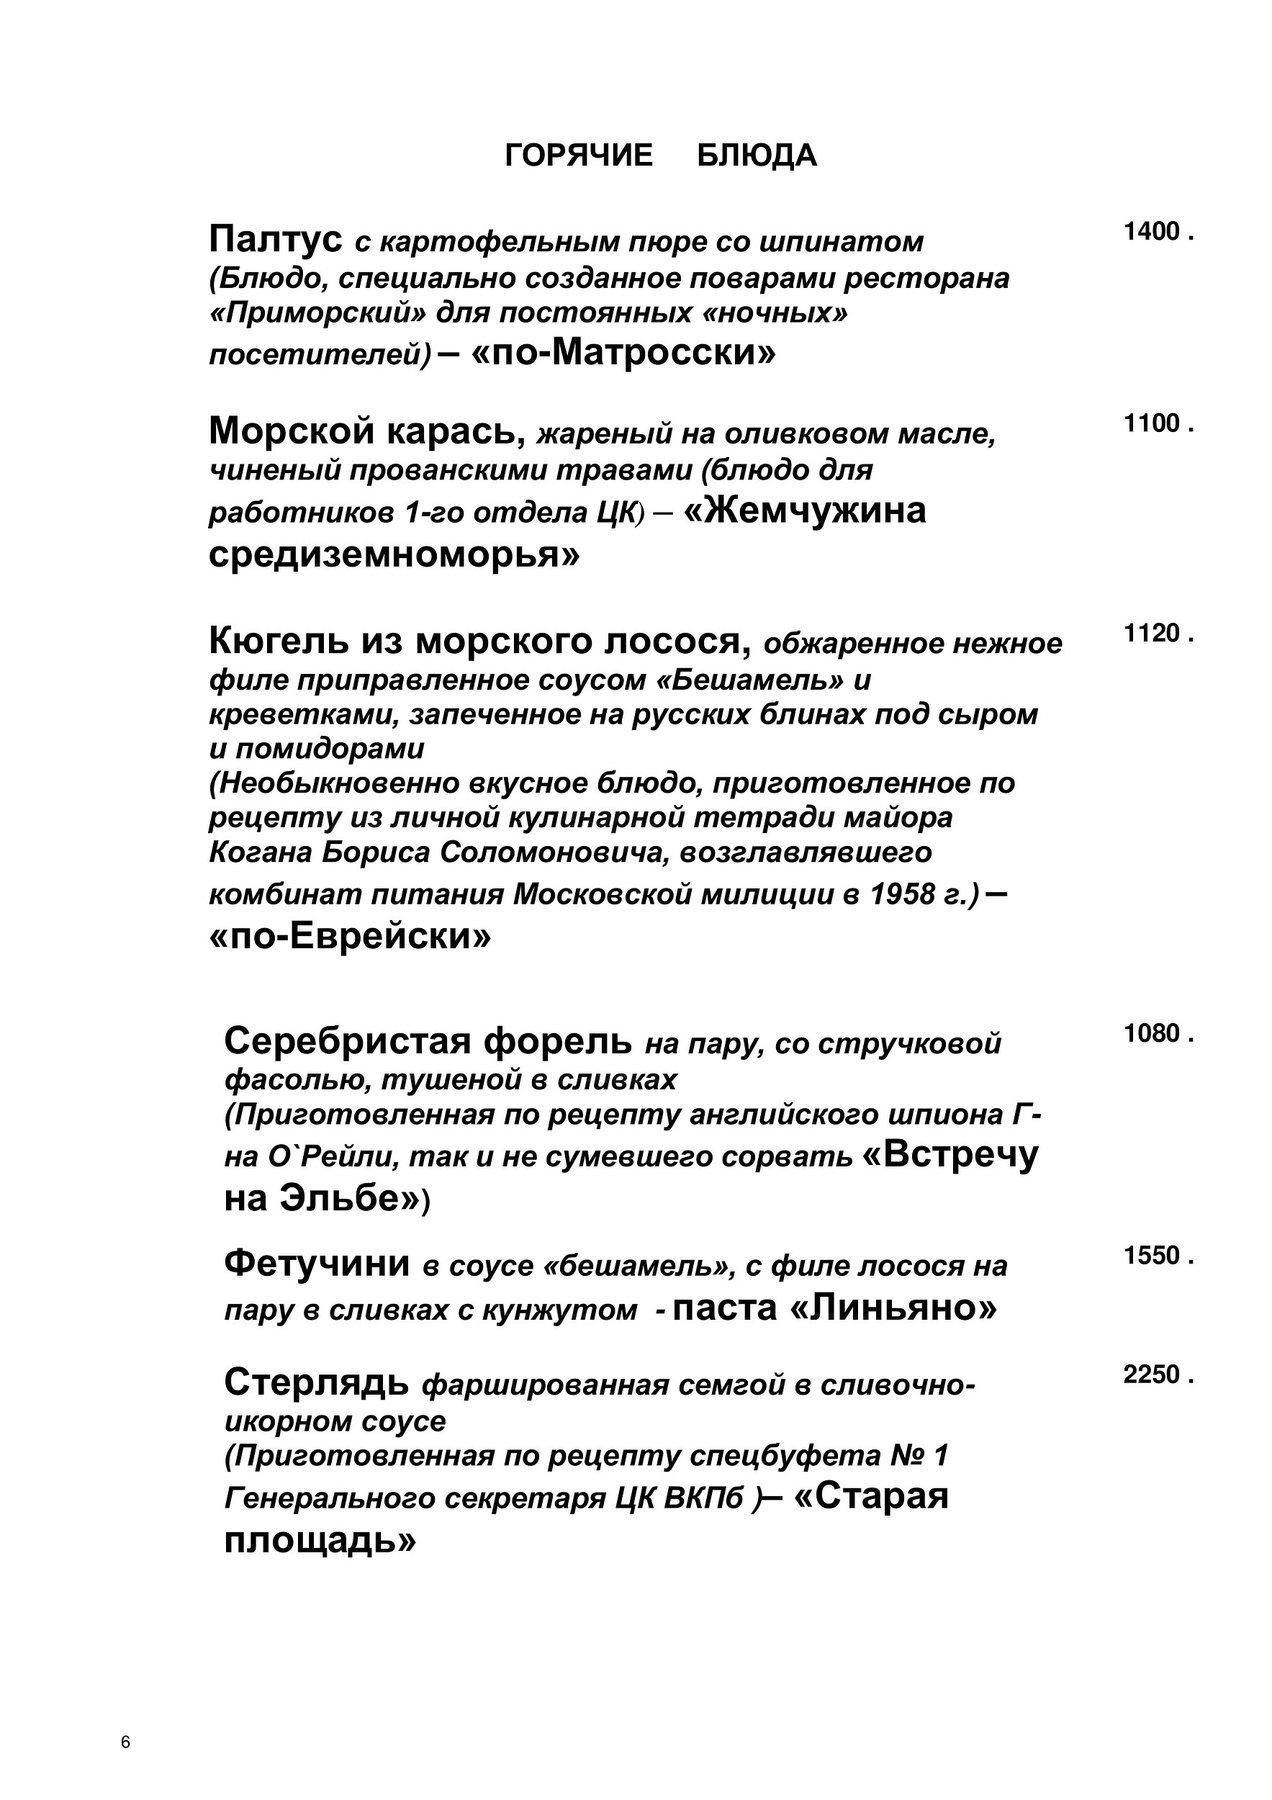 Меню ресторана Чёрная кошка на Воронцовской улице фото 6